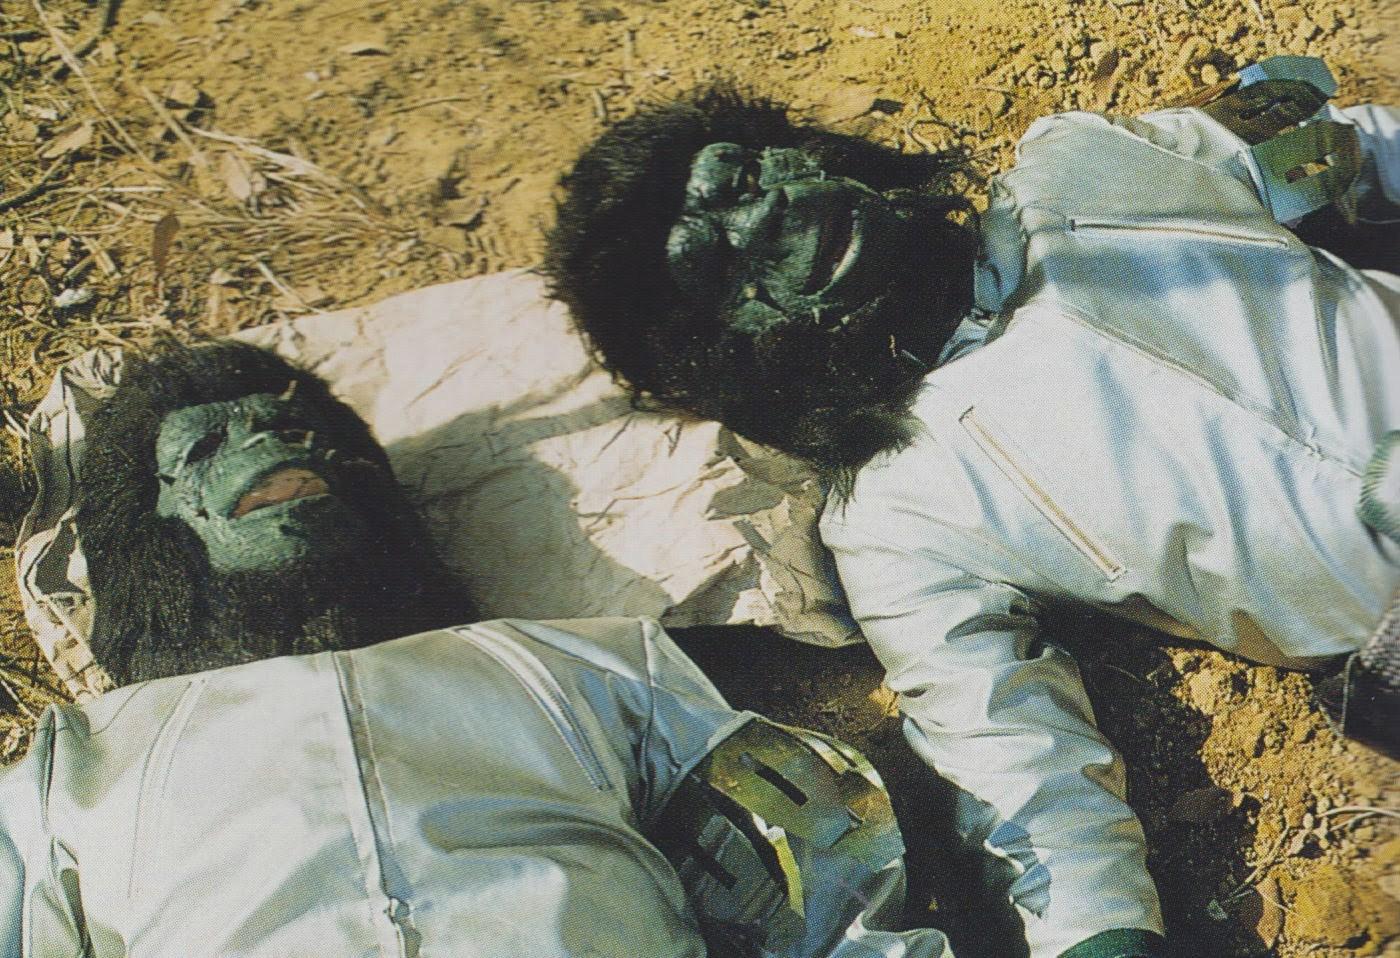 GVMG - Two Dead Black Hole Planet 3 Aliens